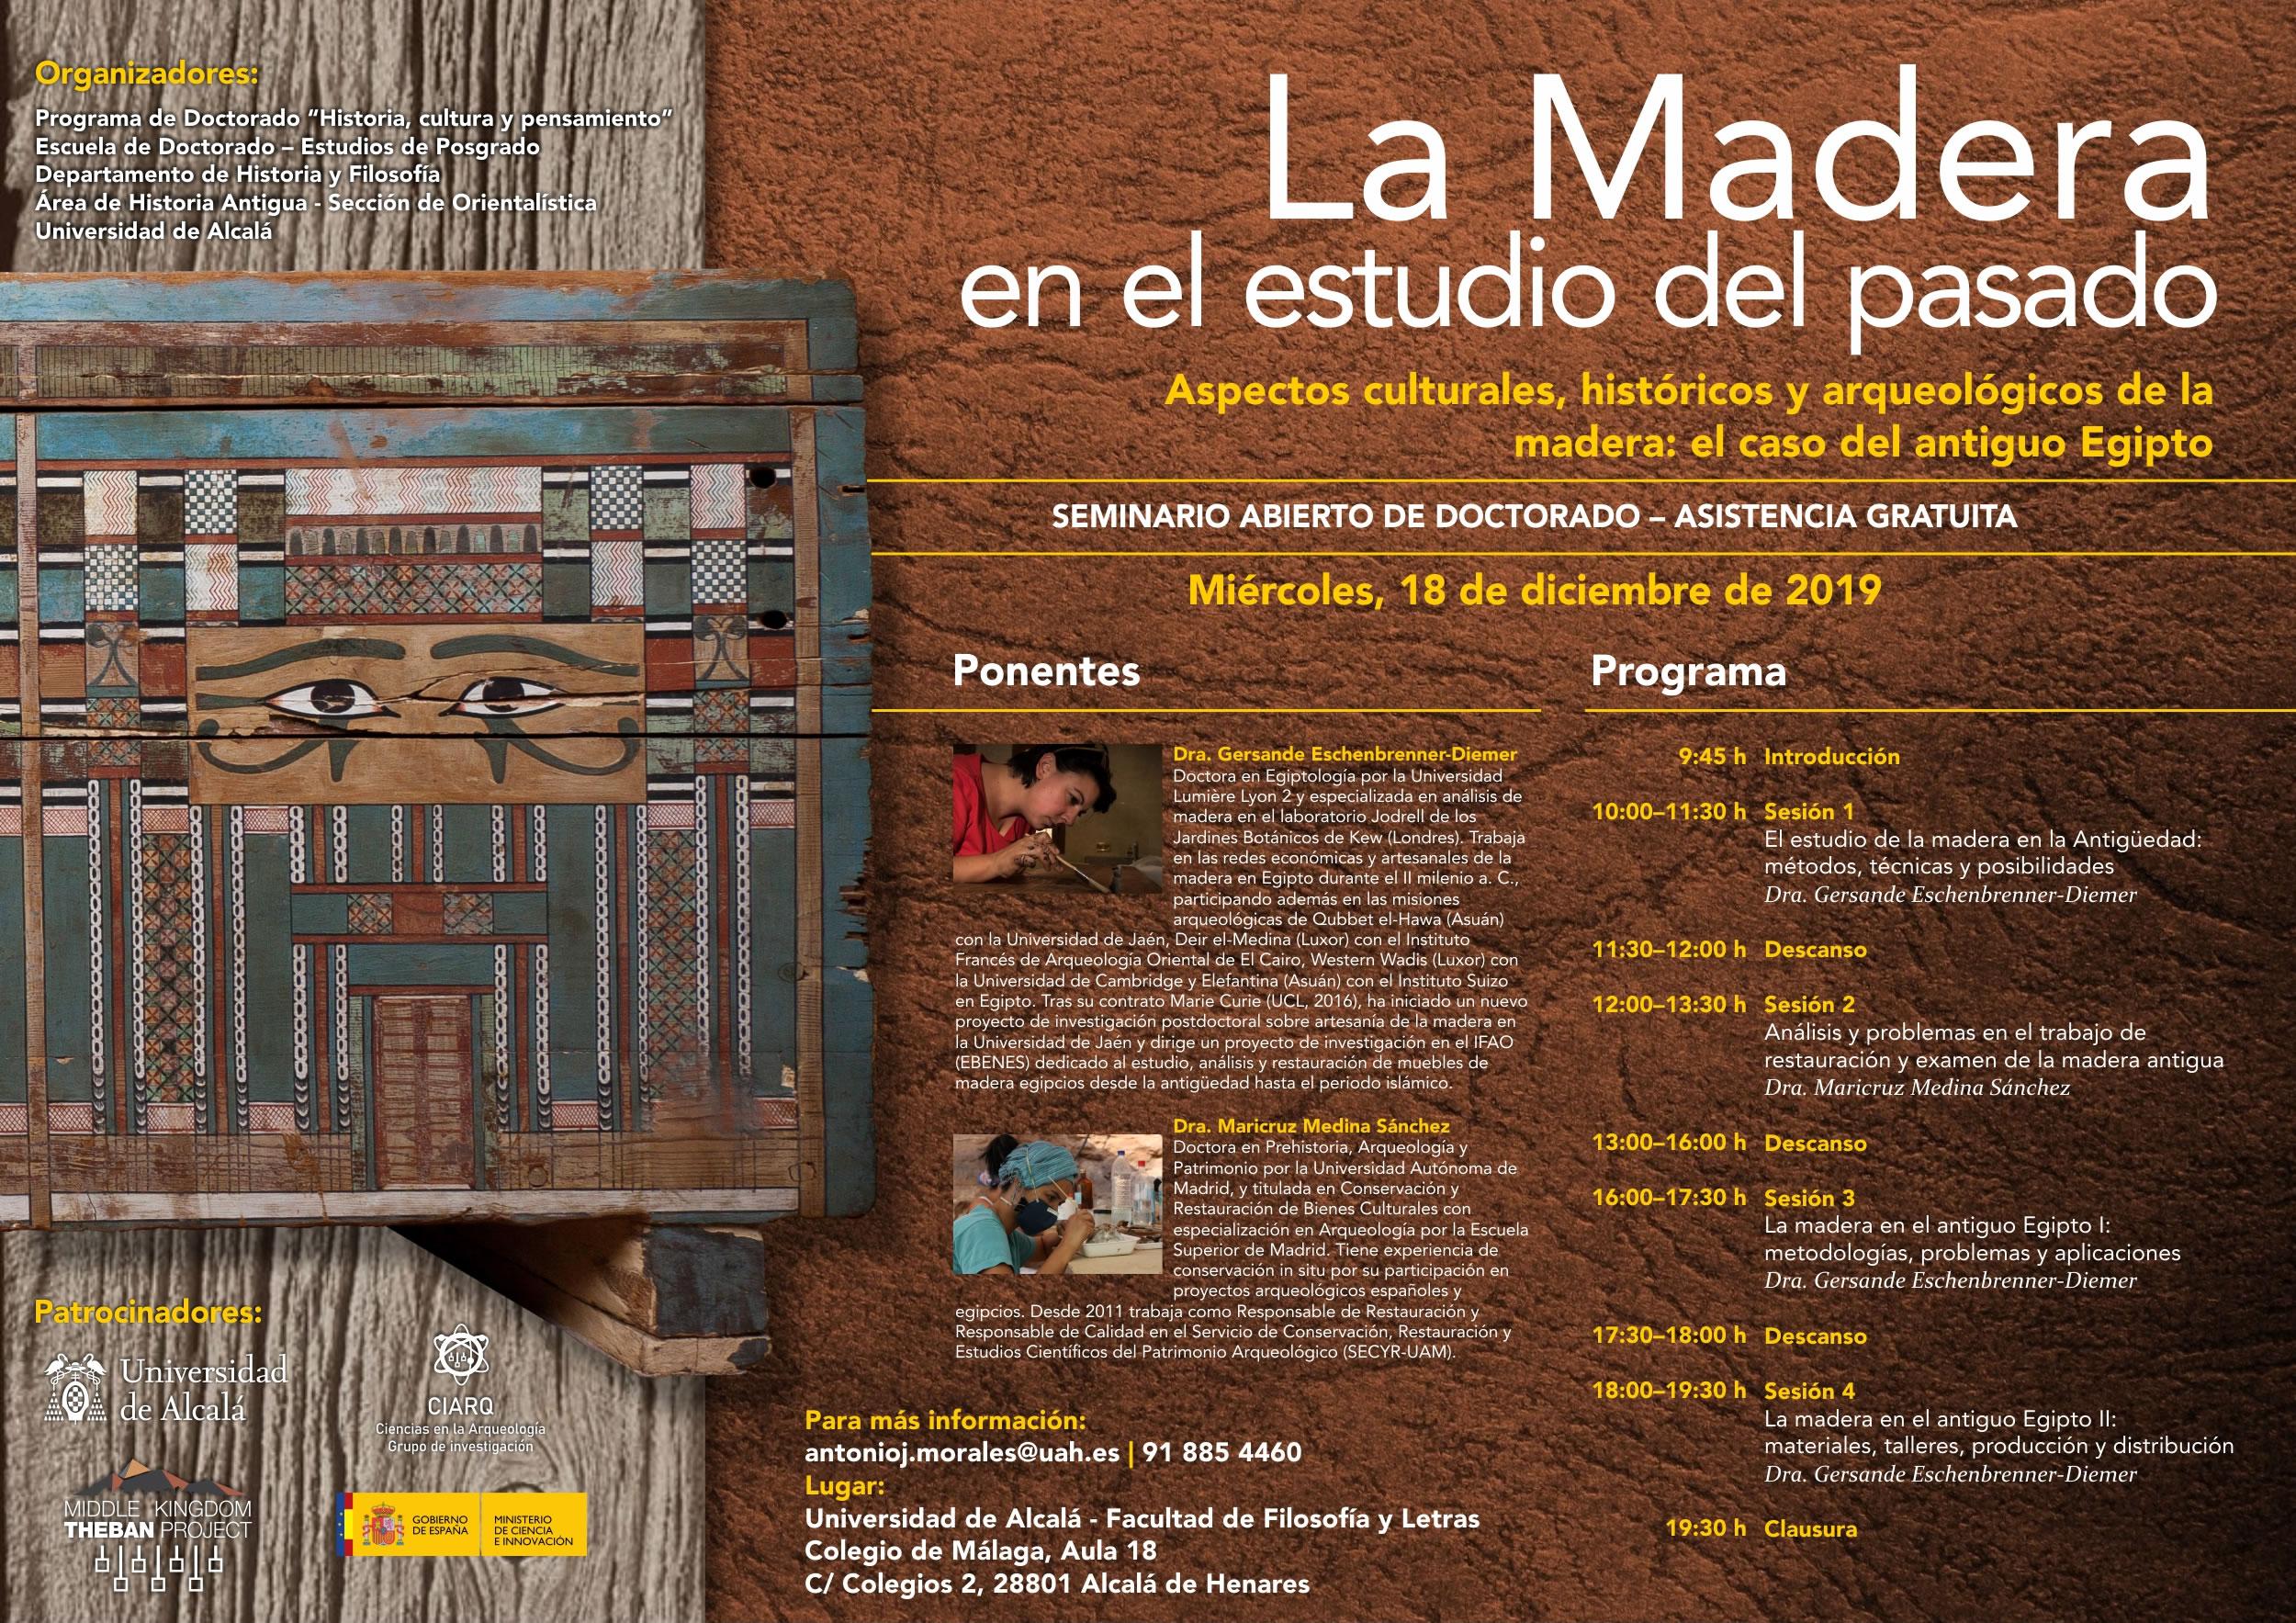 LaMaderaEnElEstudioDelPasado-v3.jpg